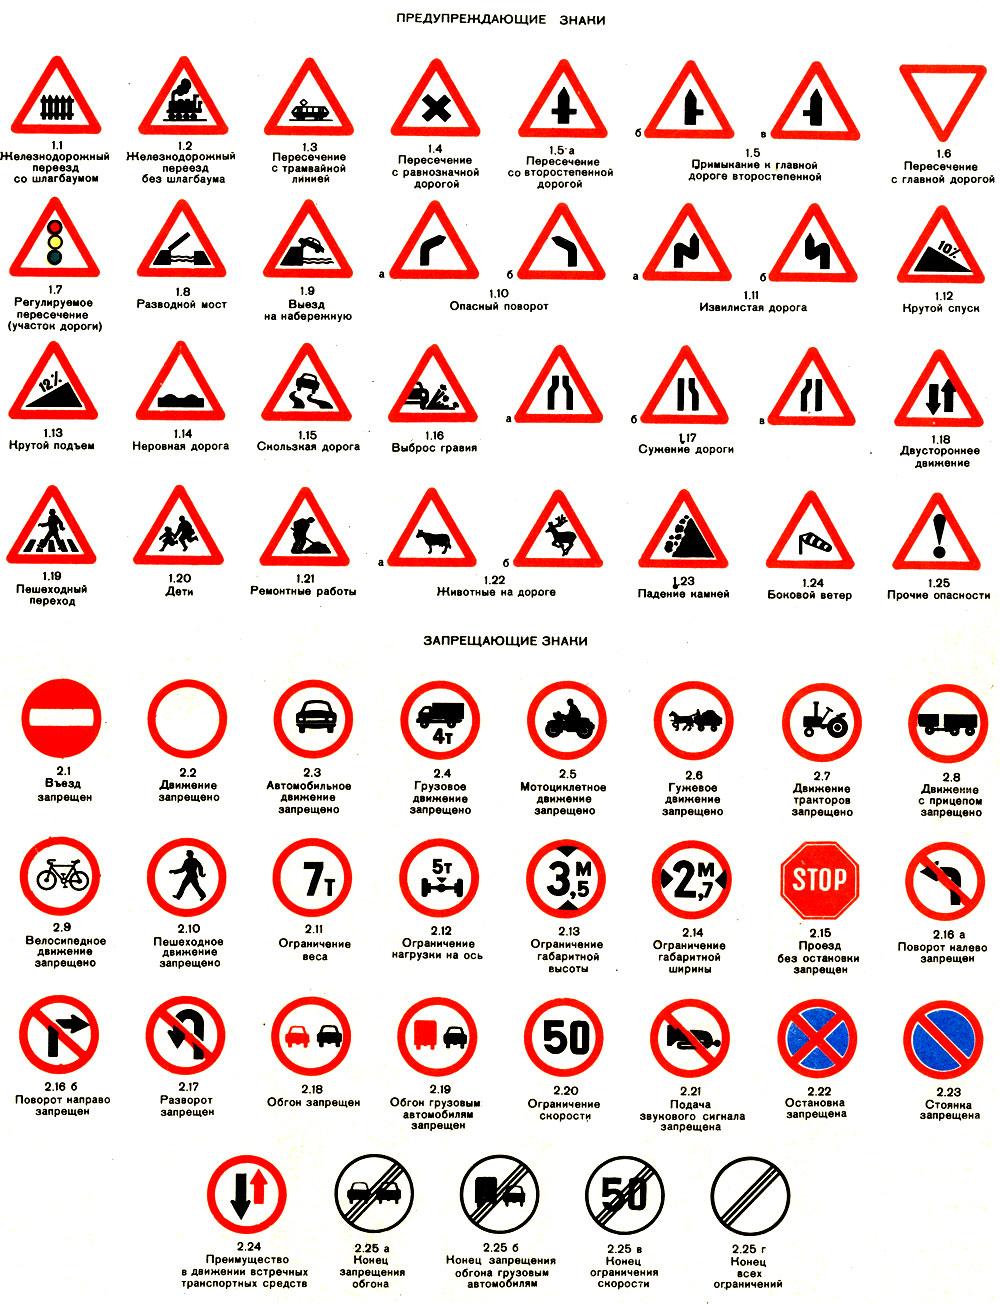 Знаки дорожного движения фото с описанием